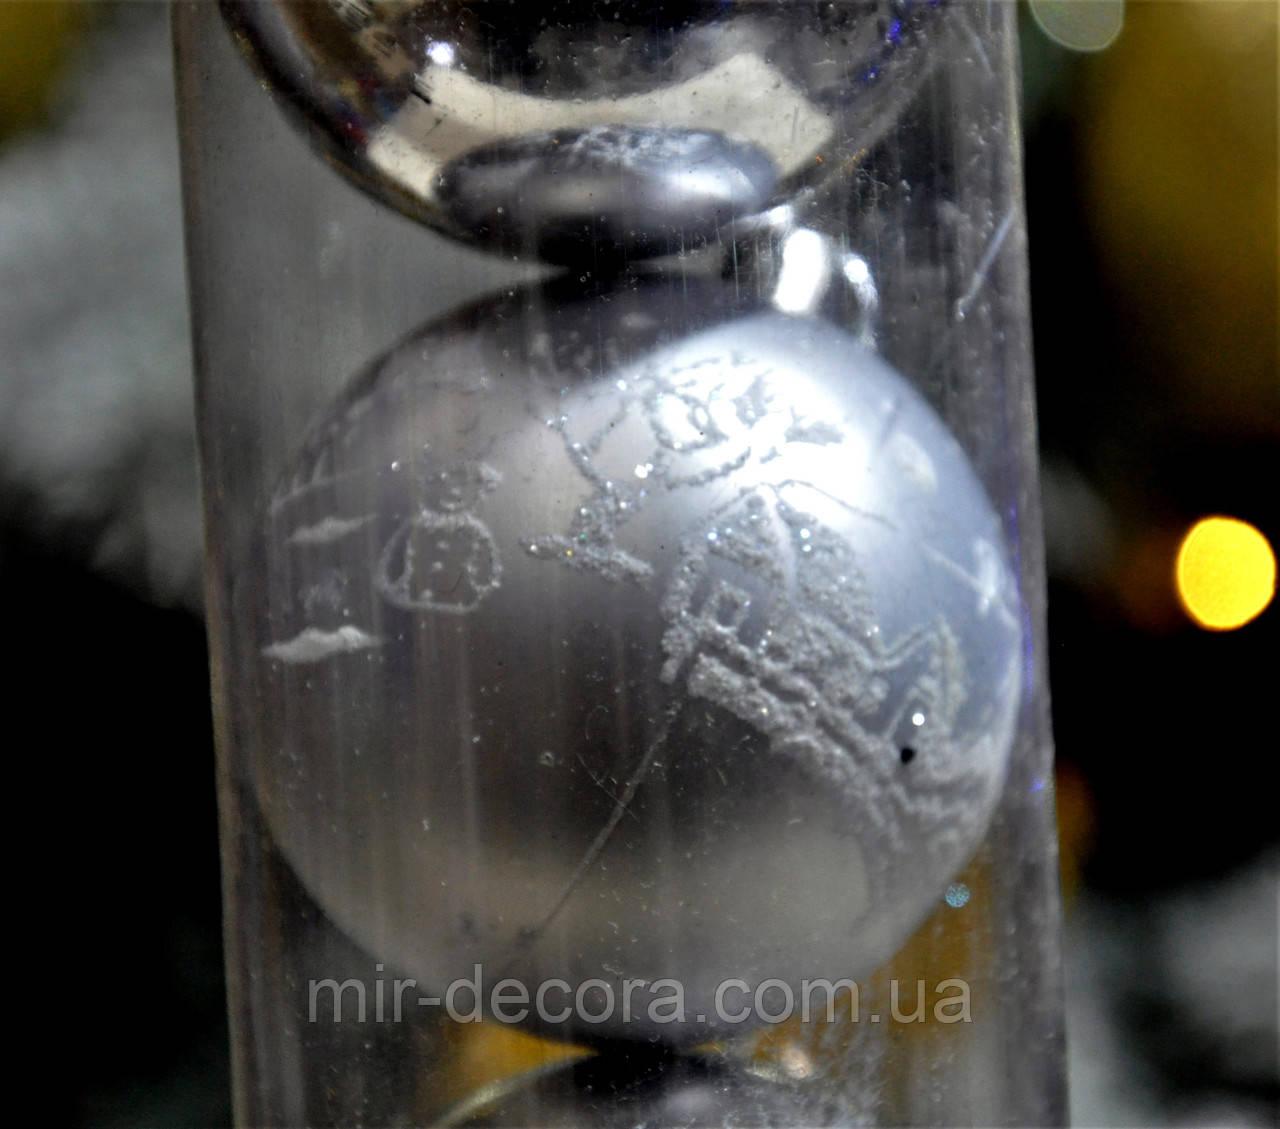 """Набор шаров на елку """"Пейзаж"""" (пластик), диаметр 60, 6 шт. Цвет серебро."""